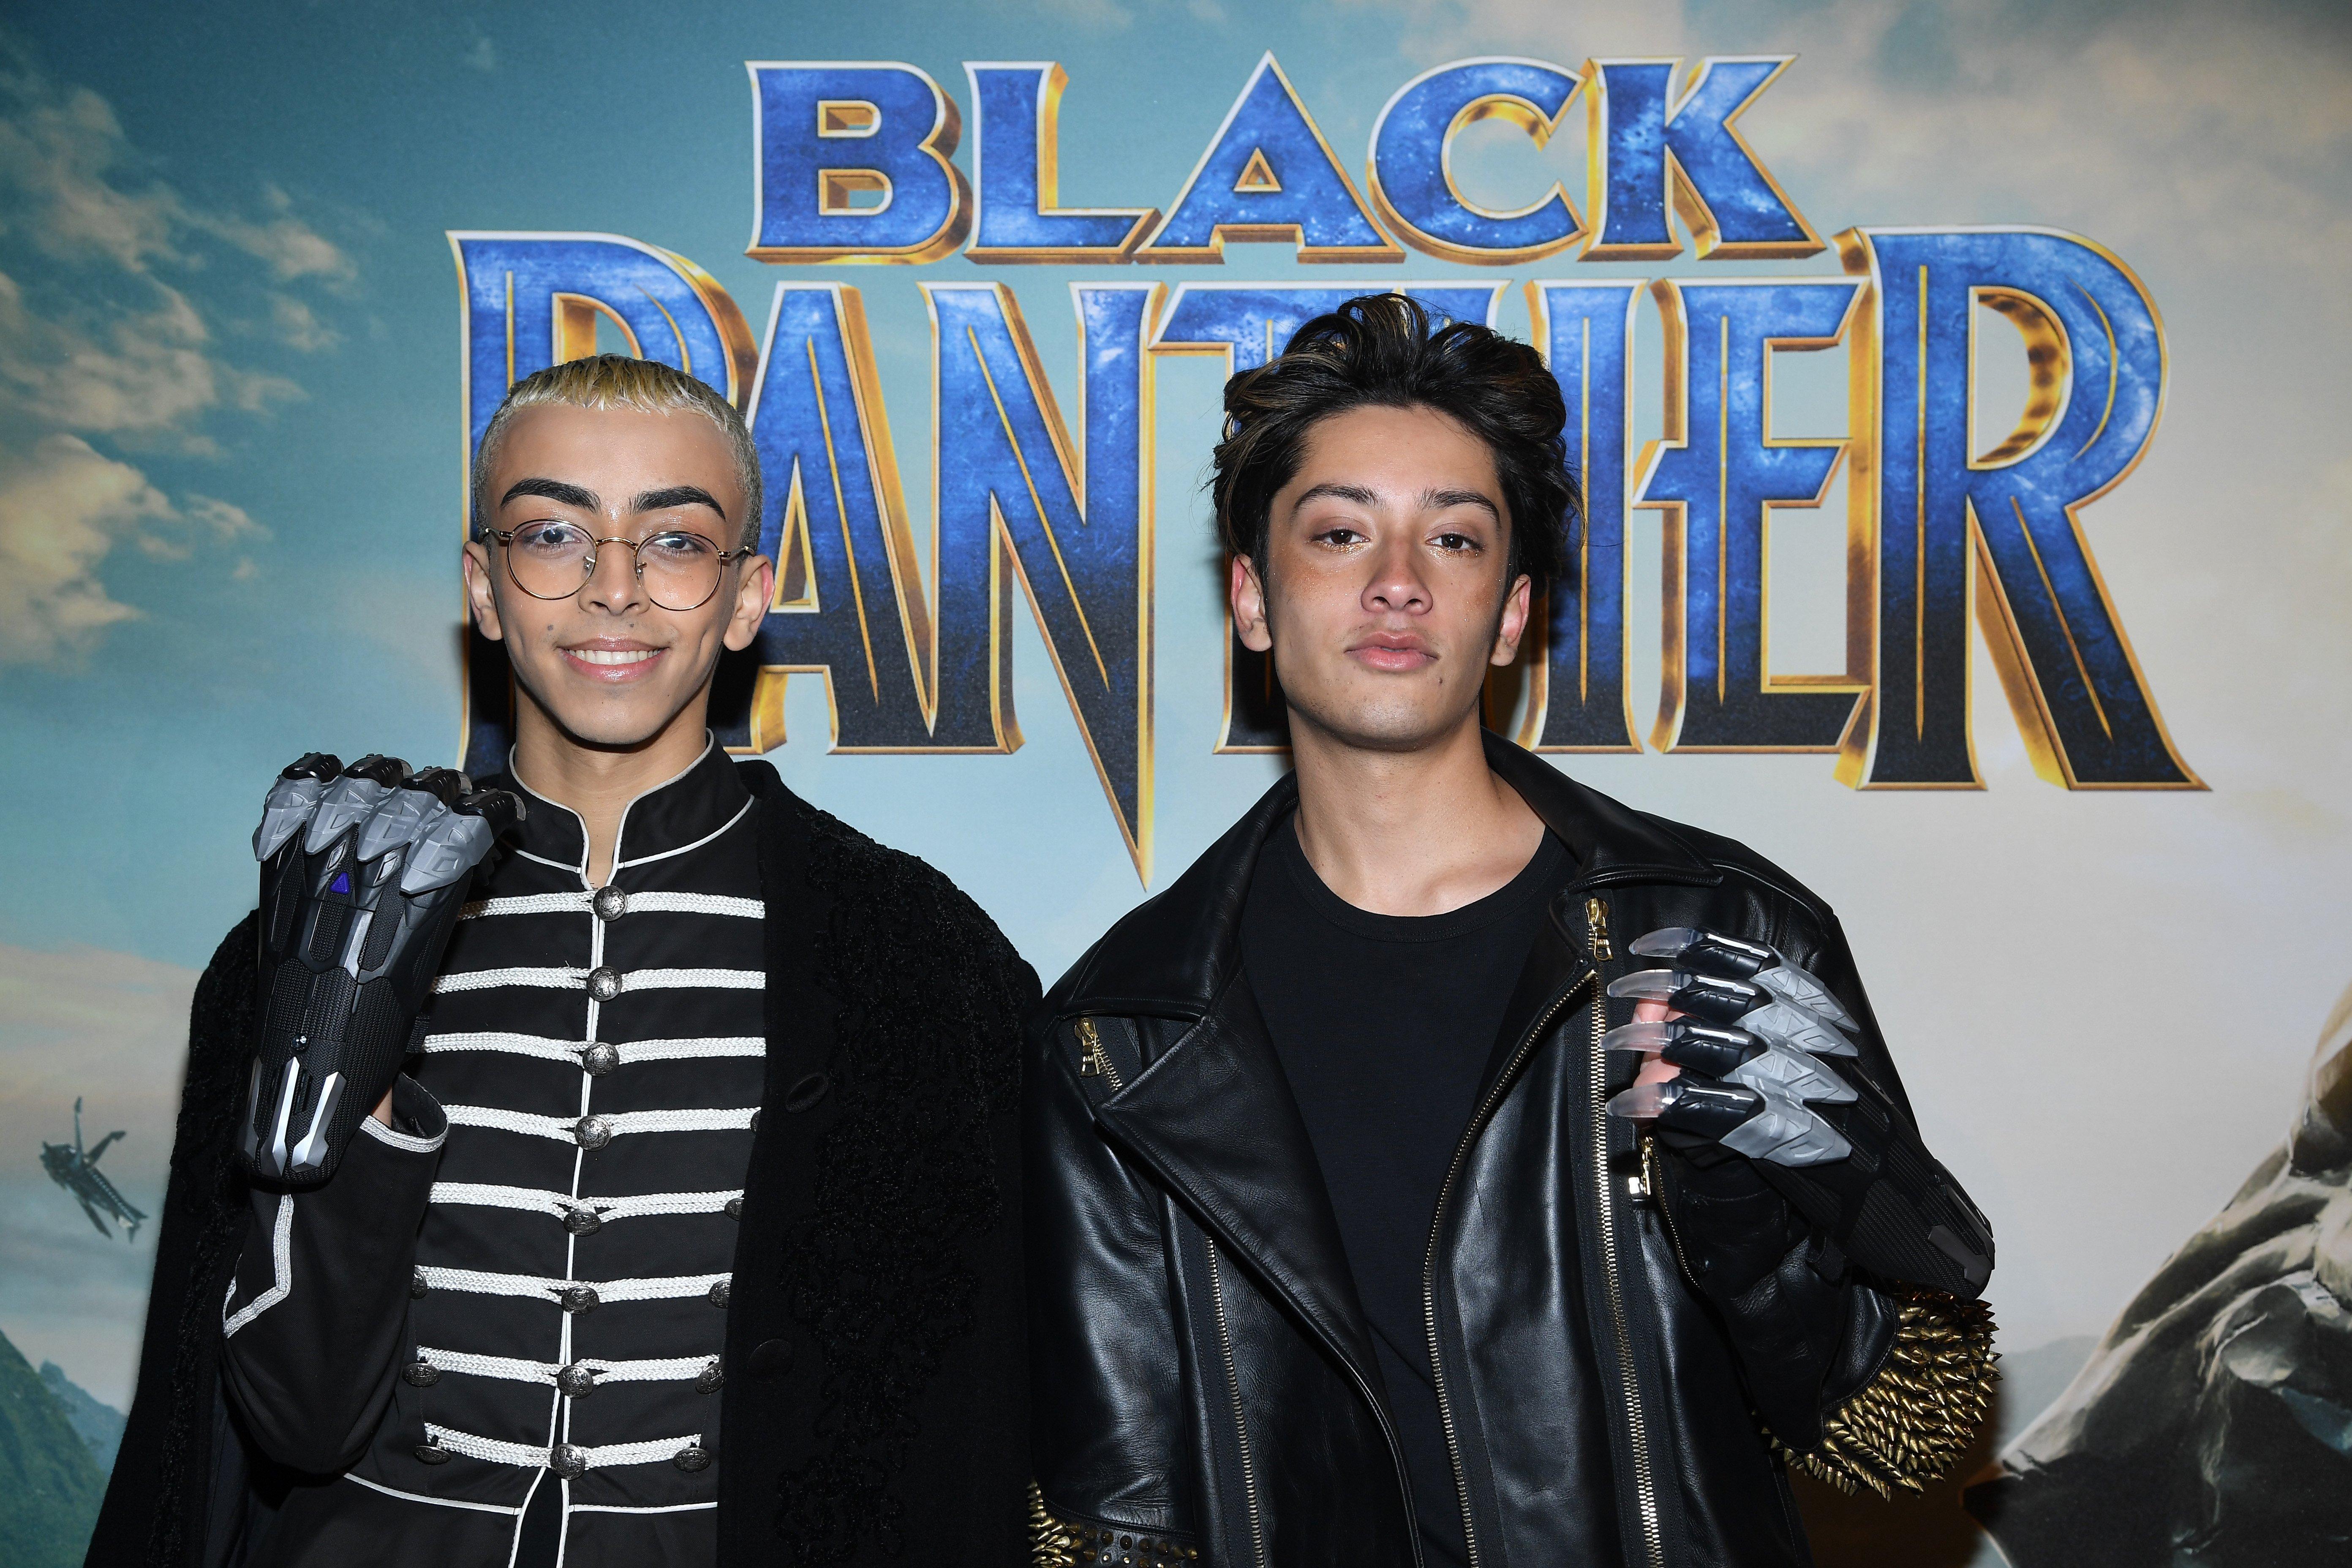 """Bilal Hassani à la première du film """"Black Panther"""" au Grand Rex, le 7 février 2018 / Source : Getty Images"""